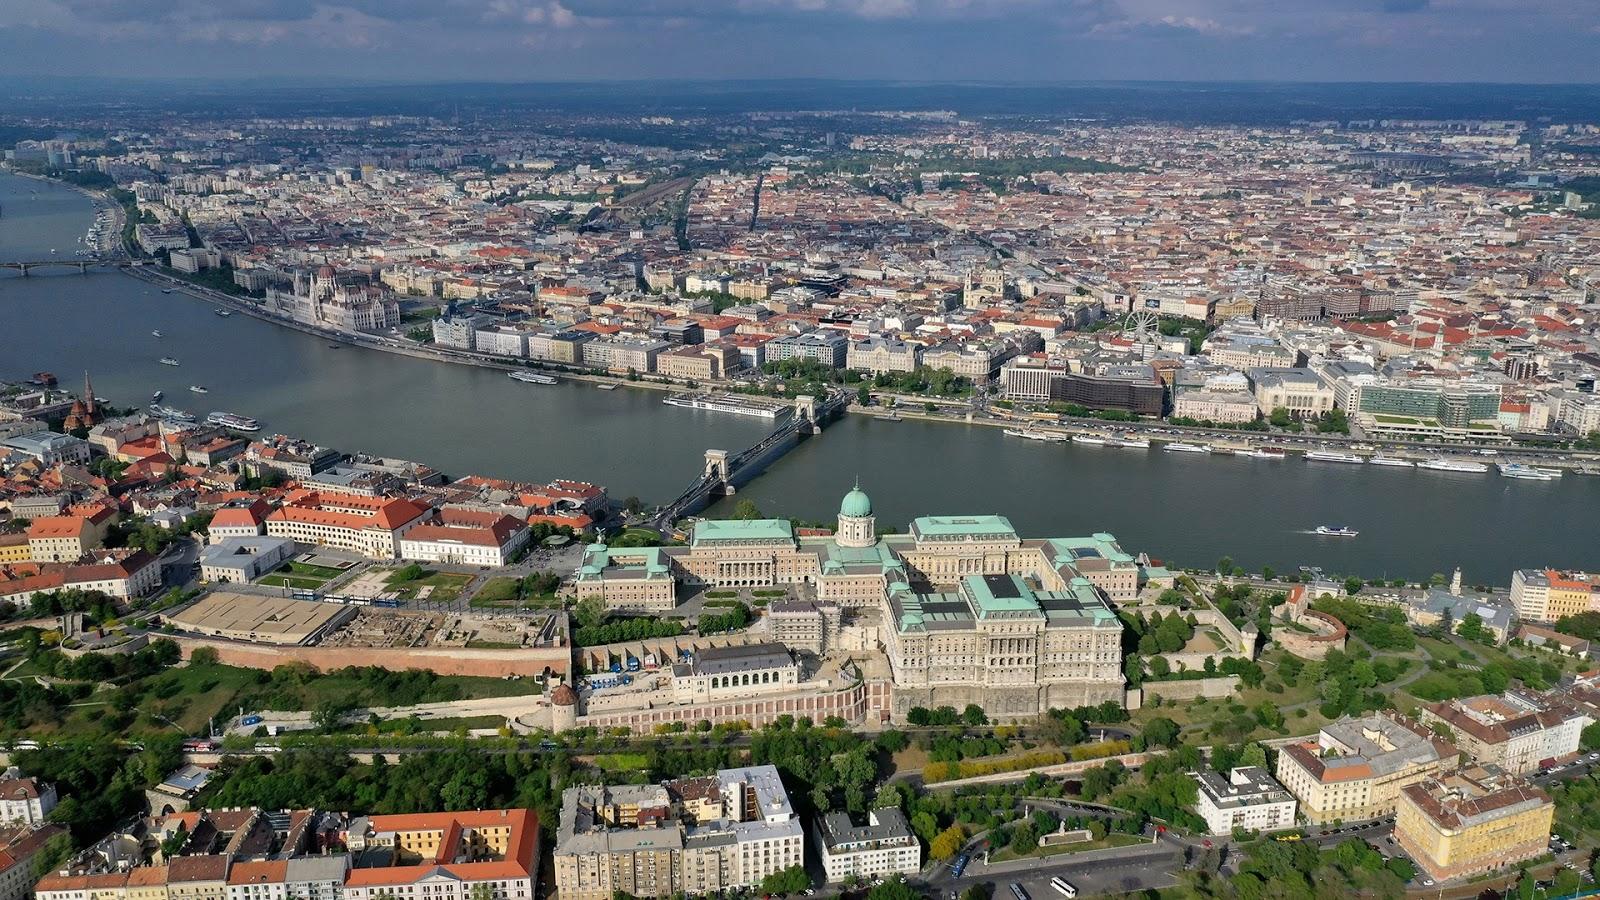 300 szobás nemzetközi színvonalú szállodafejlesztés